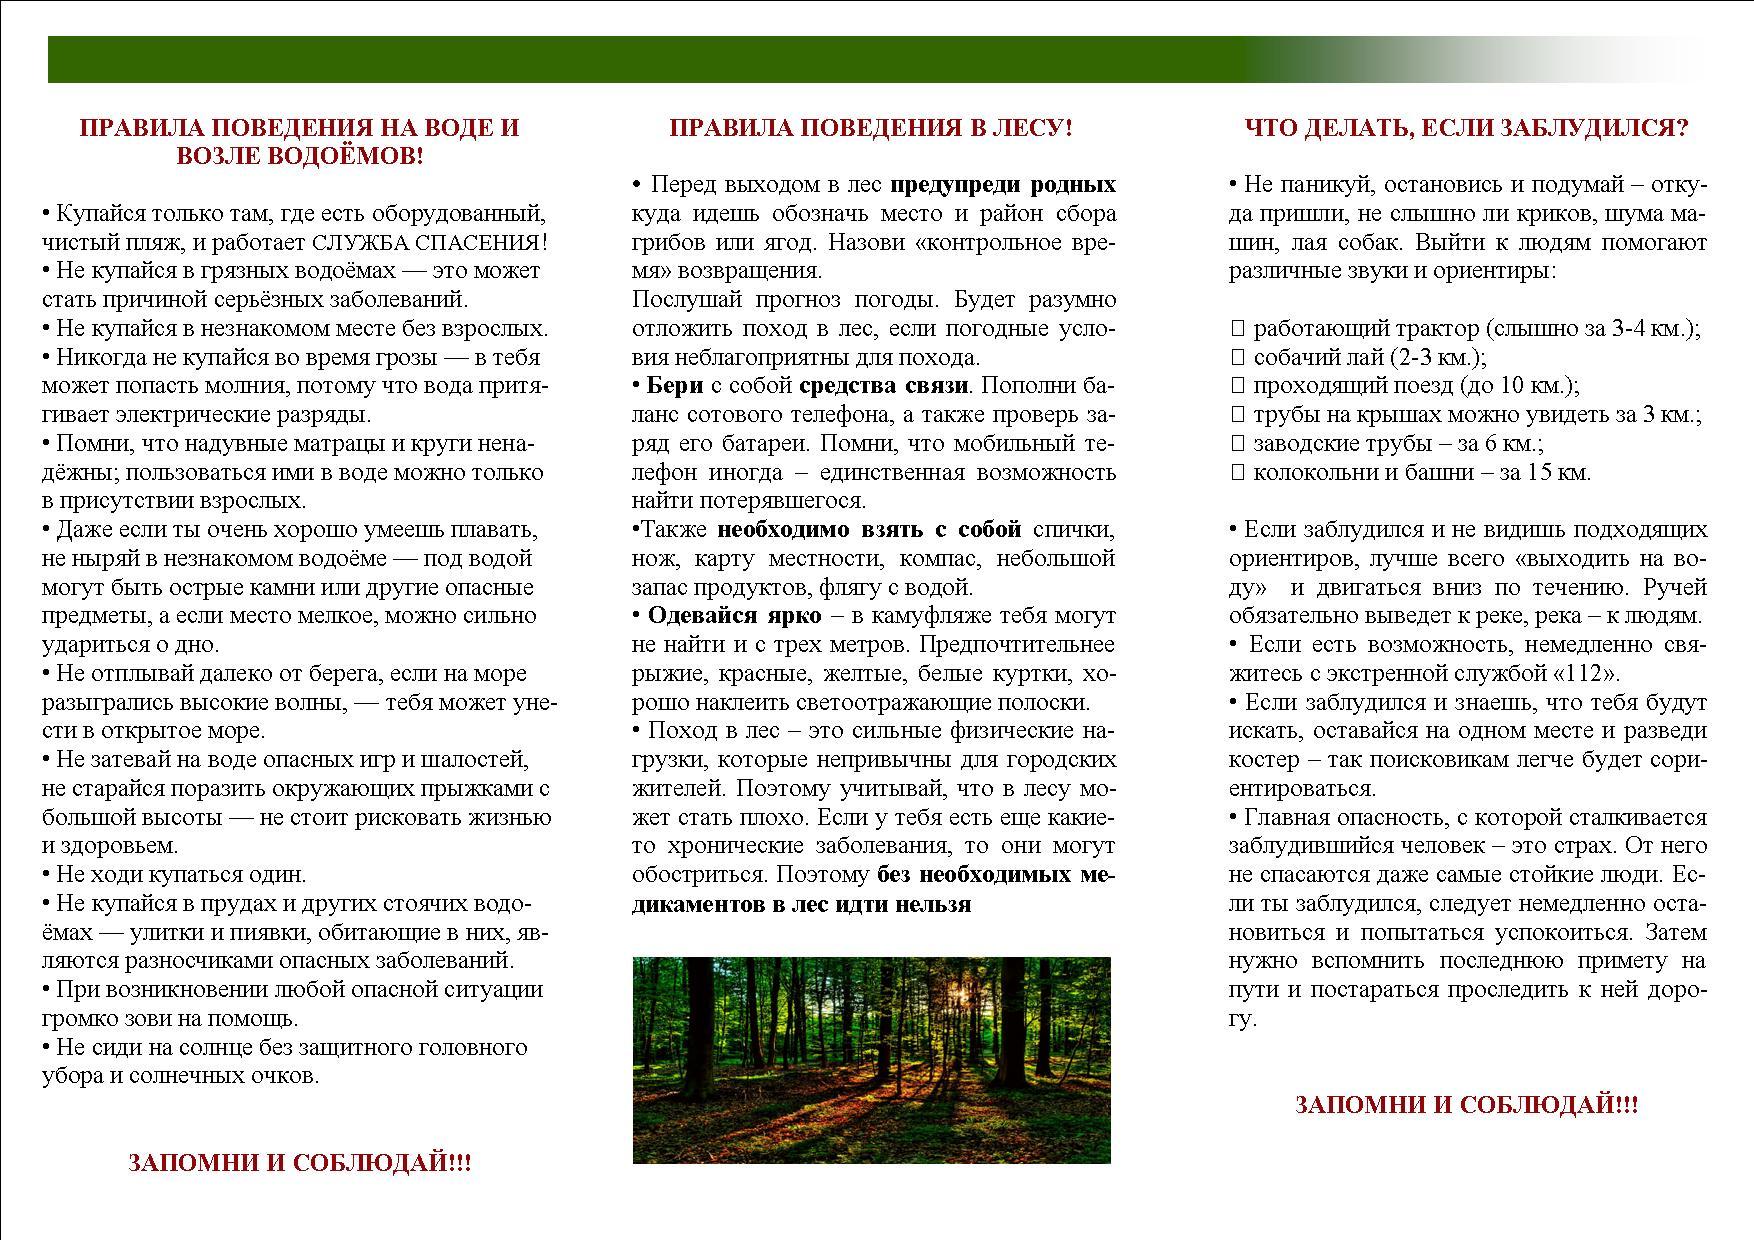 презентация безопасность поведения на водоемах в весенний и летний период